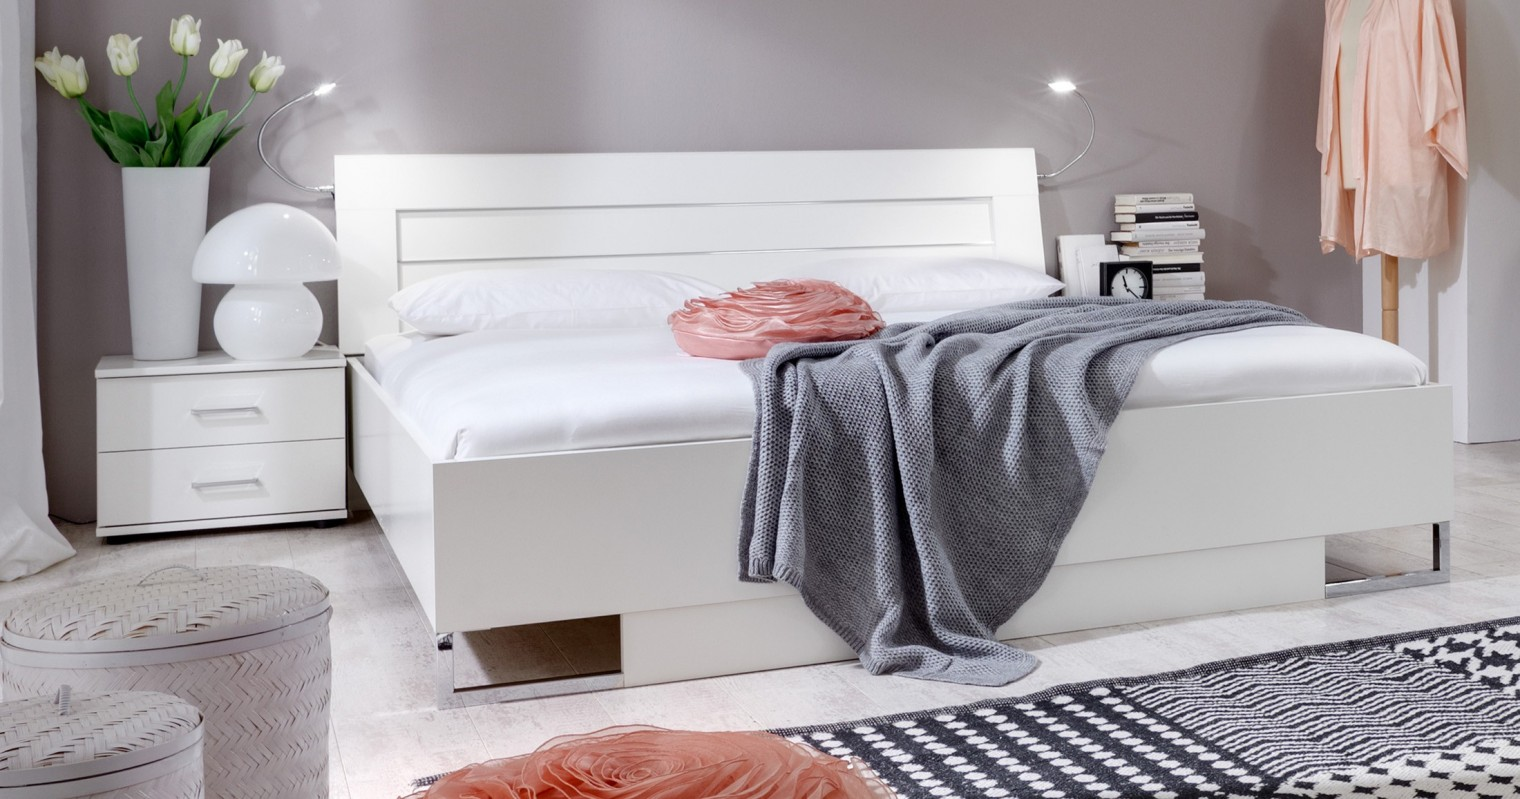 Ložnicový komplet Davos - Komplet 5, postel 140 cm (alpská bílá)